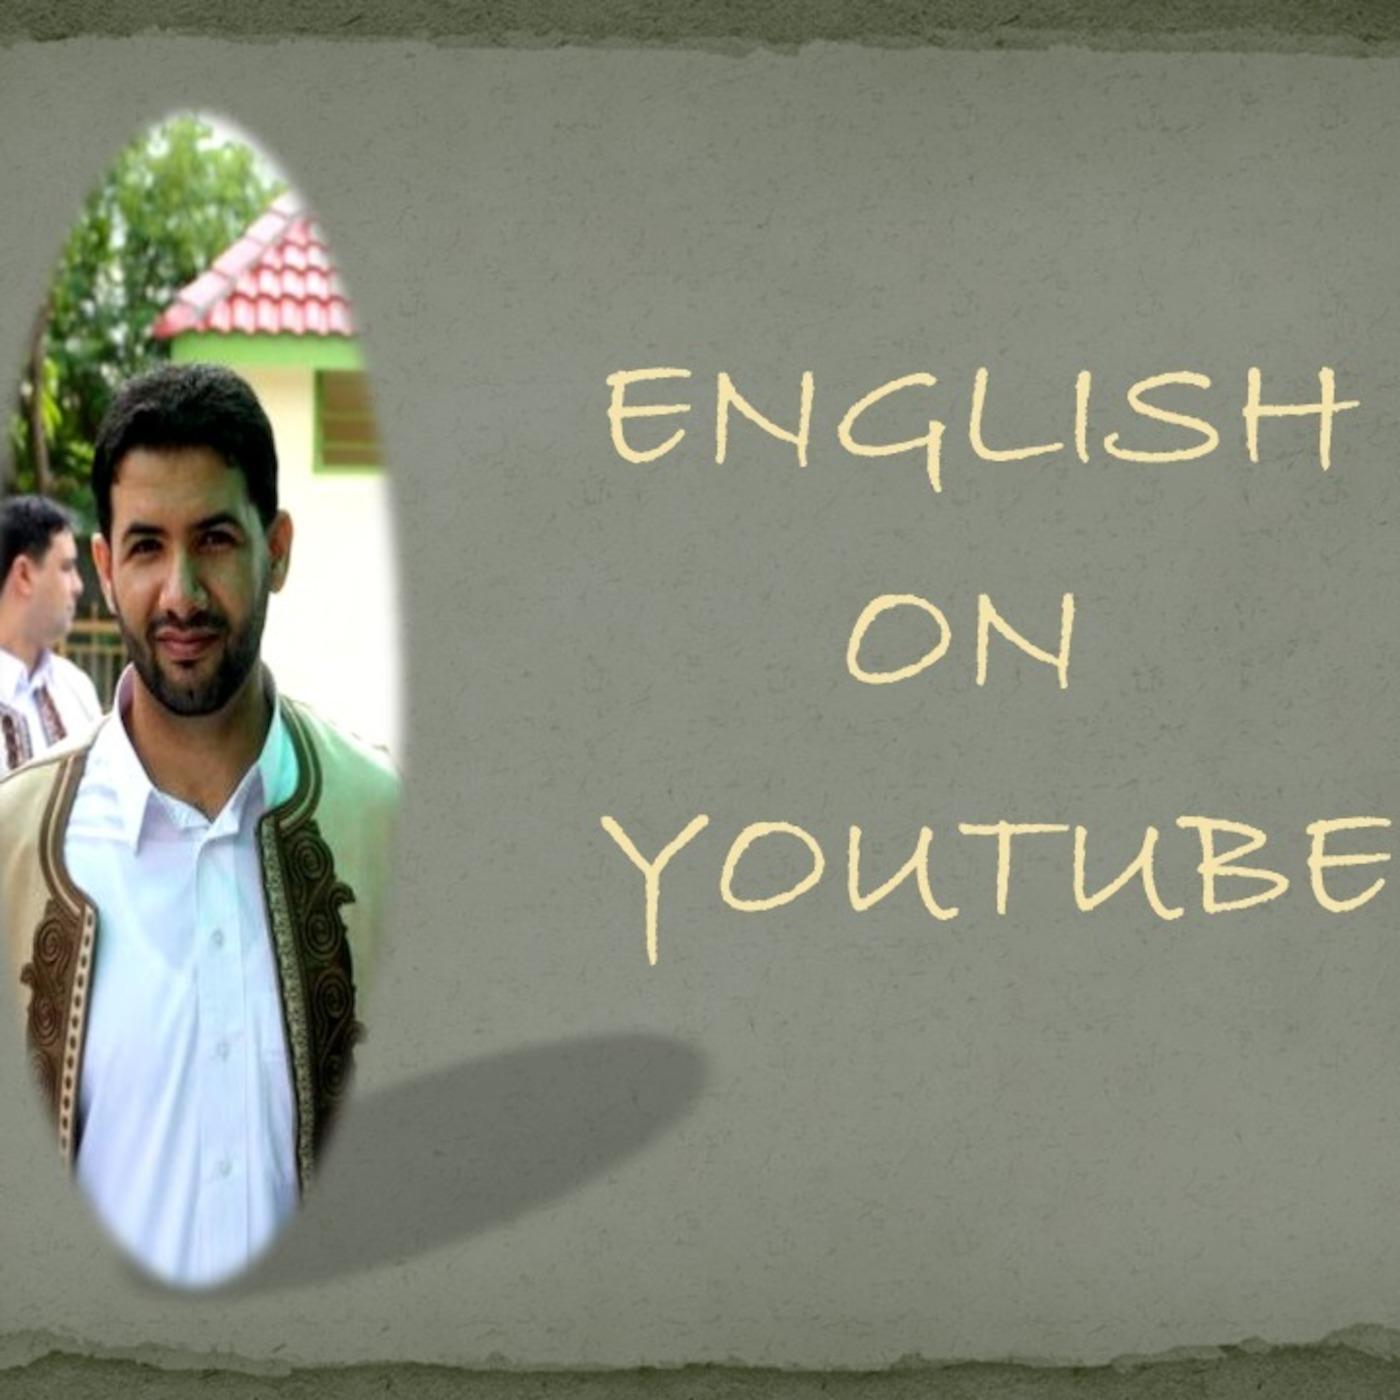 English on YouTube